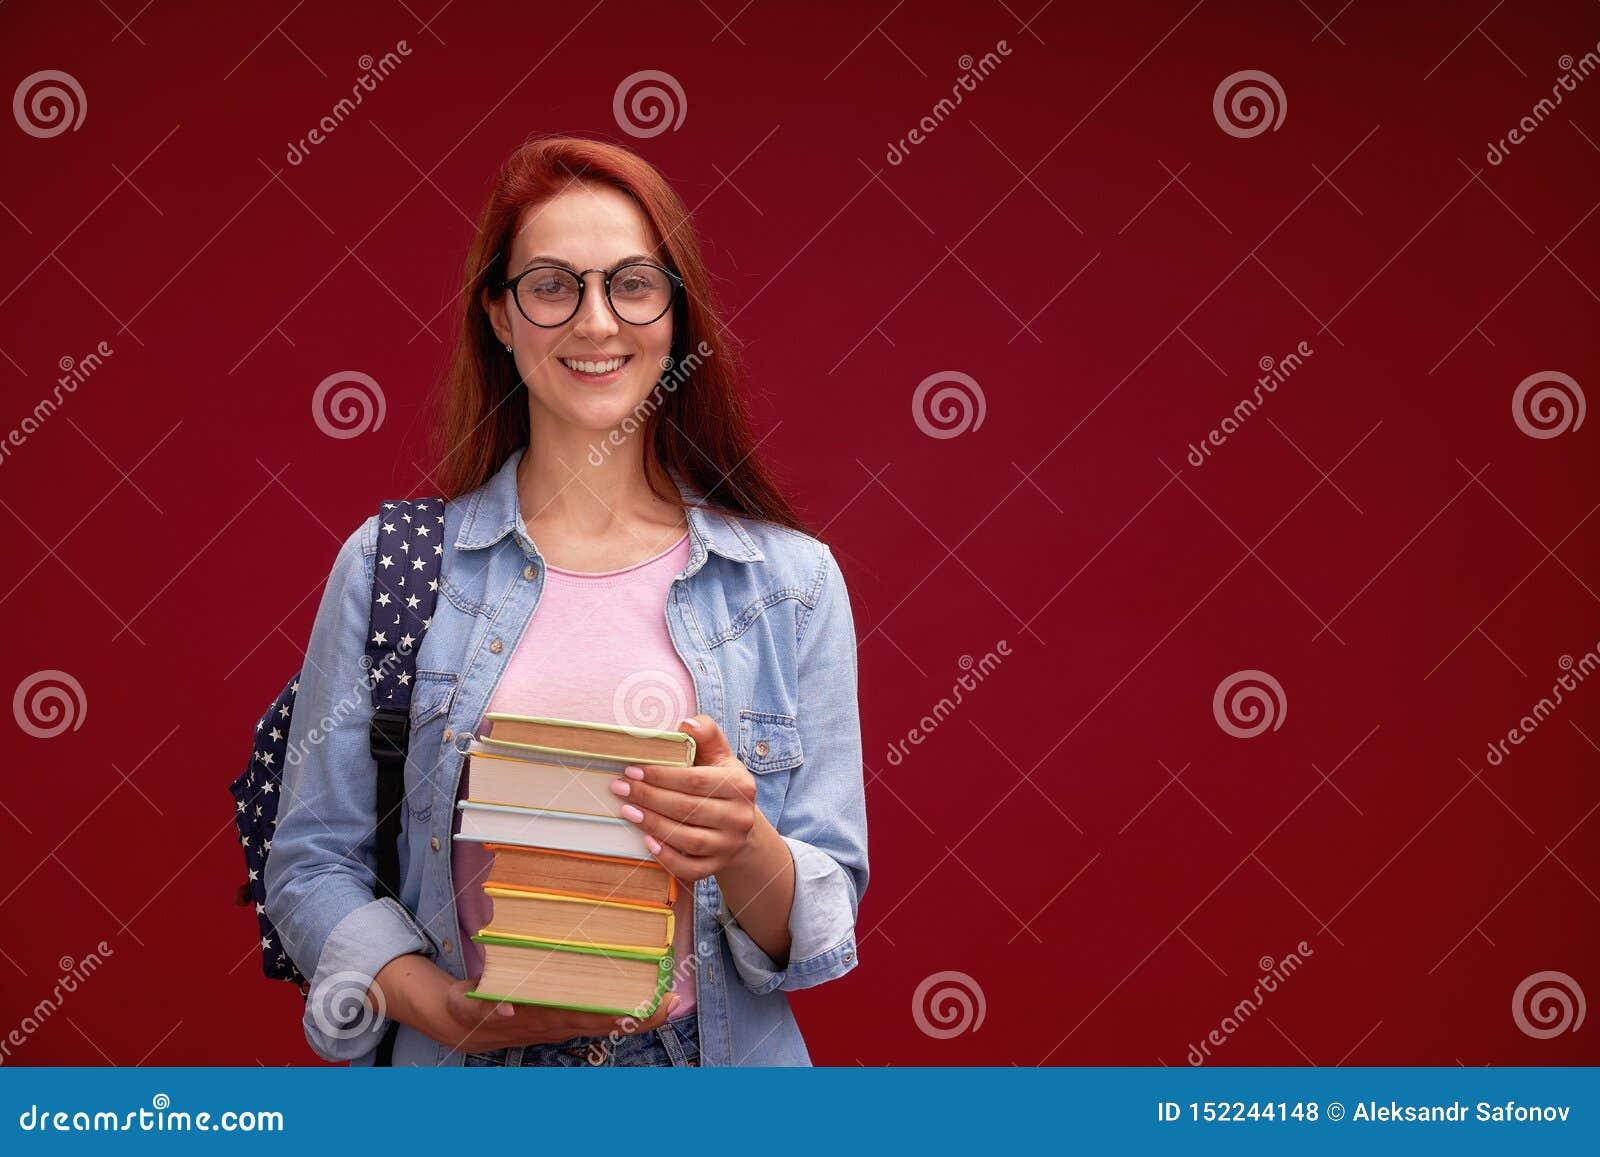 El retrato de una estudiante hermosa con una mochila y de una pila de libros en sus manos está sonriendo en el fondo rojo